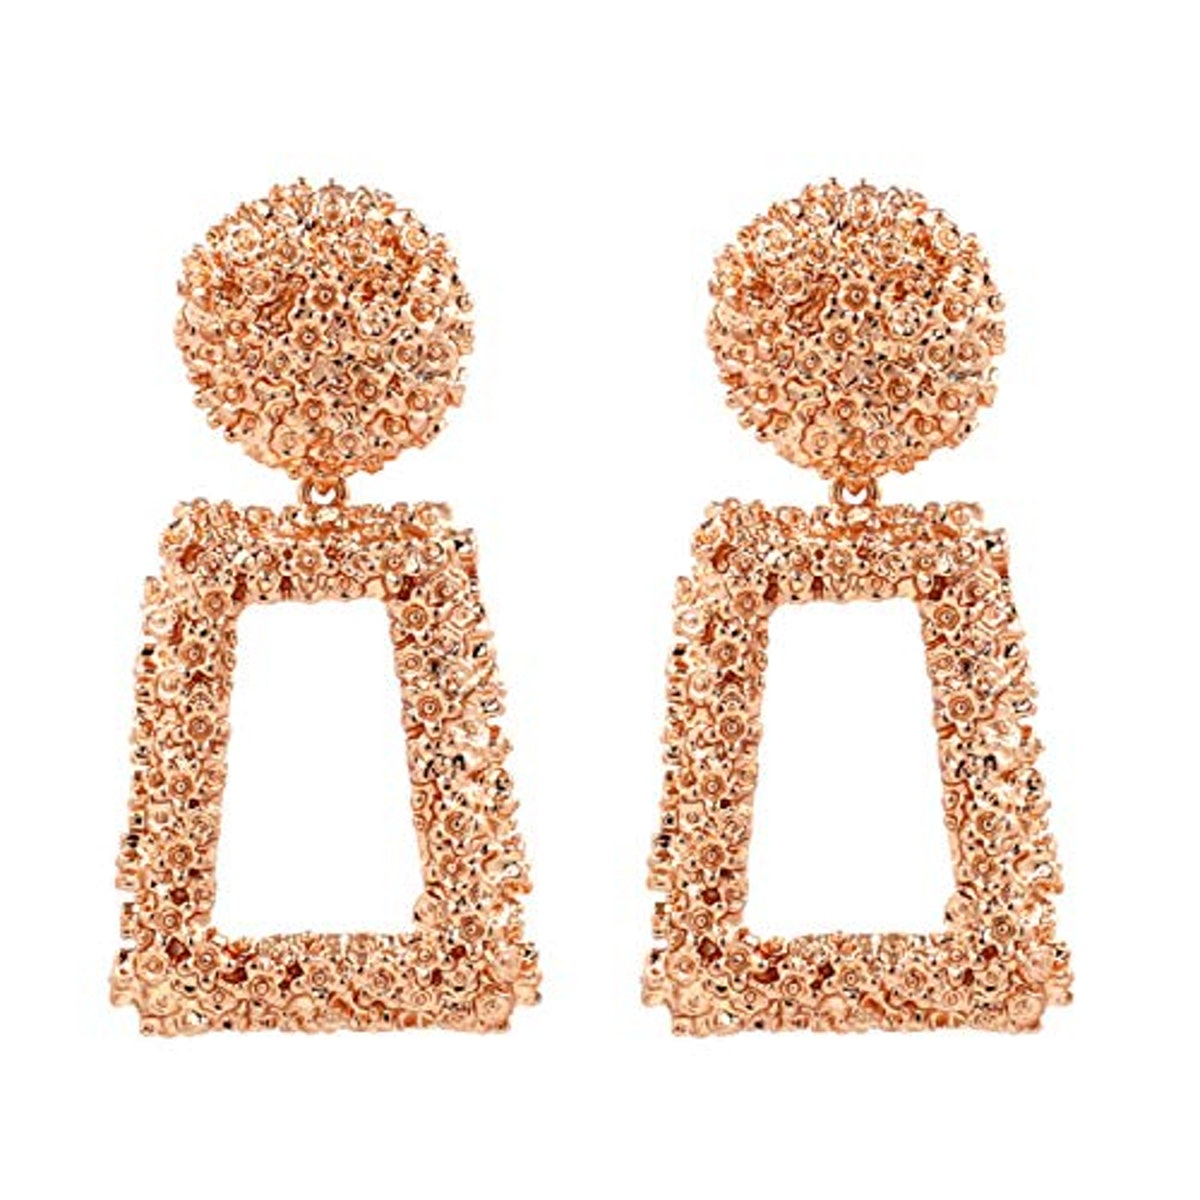 KELMALL Rose Gold Raised Design Rectangle Statement Earrings